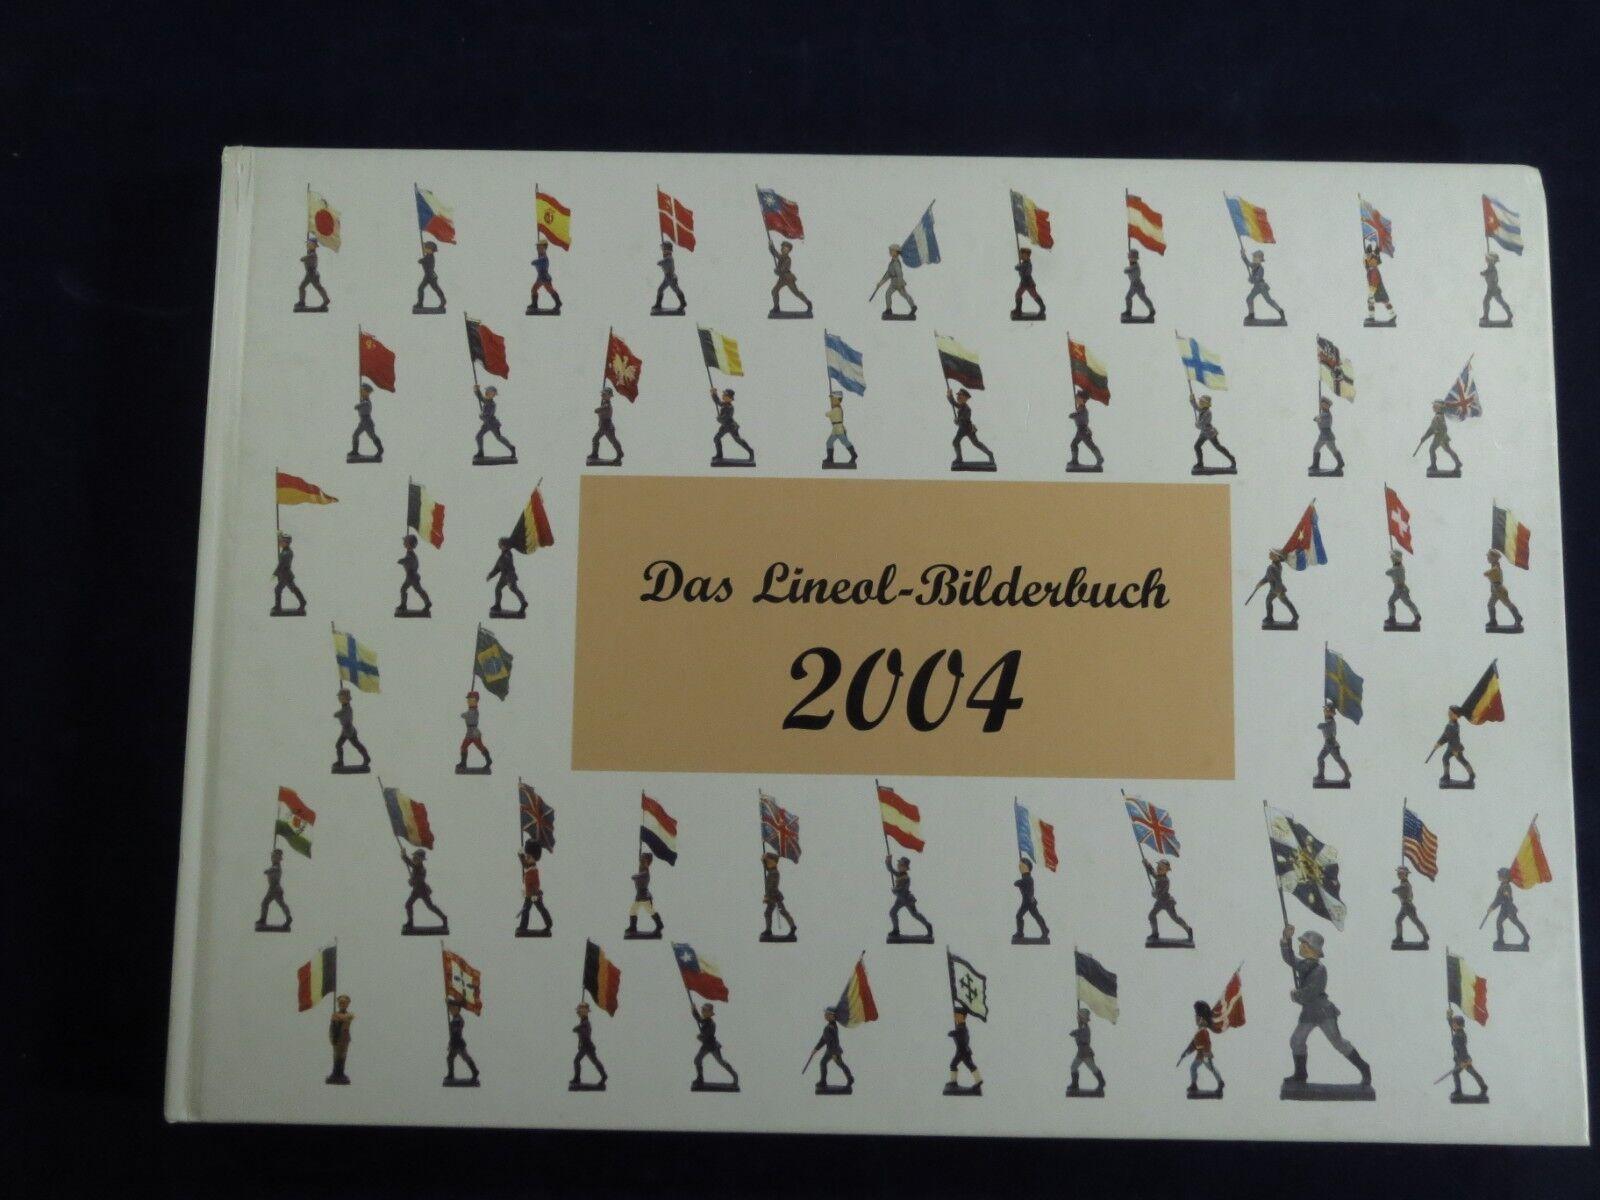 Das Lineol-Bilderbuch 2004, Book on Lineol flagbearers, artillery men, equipment